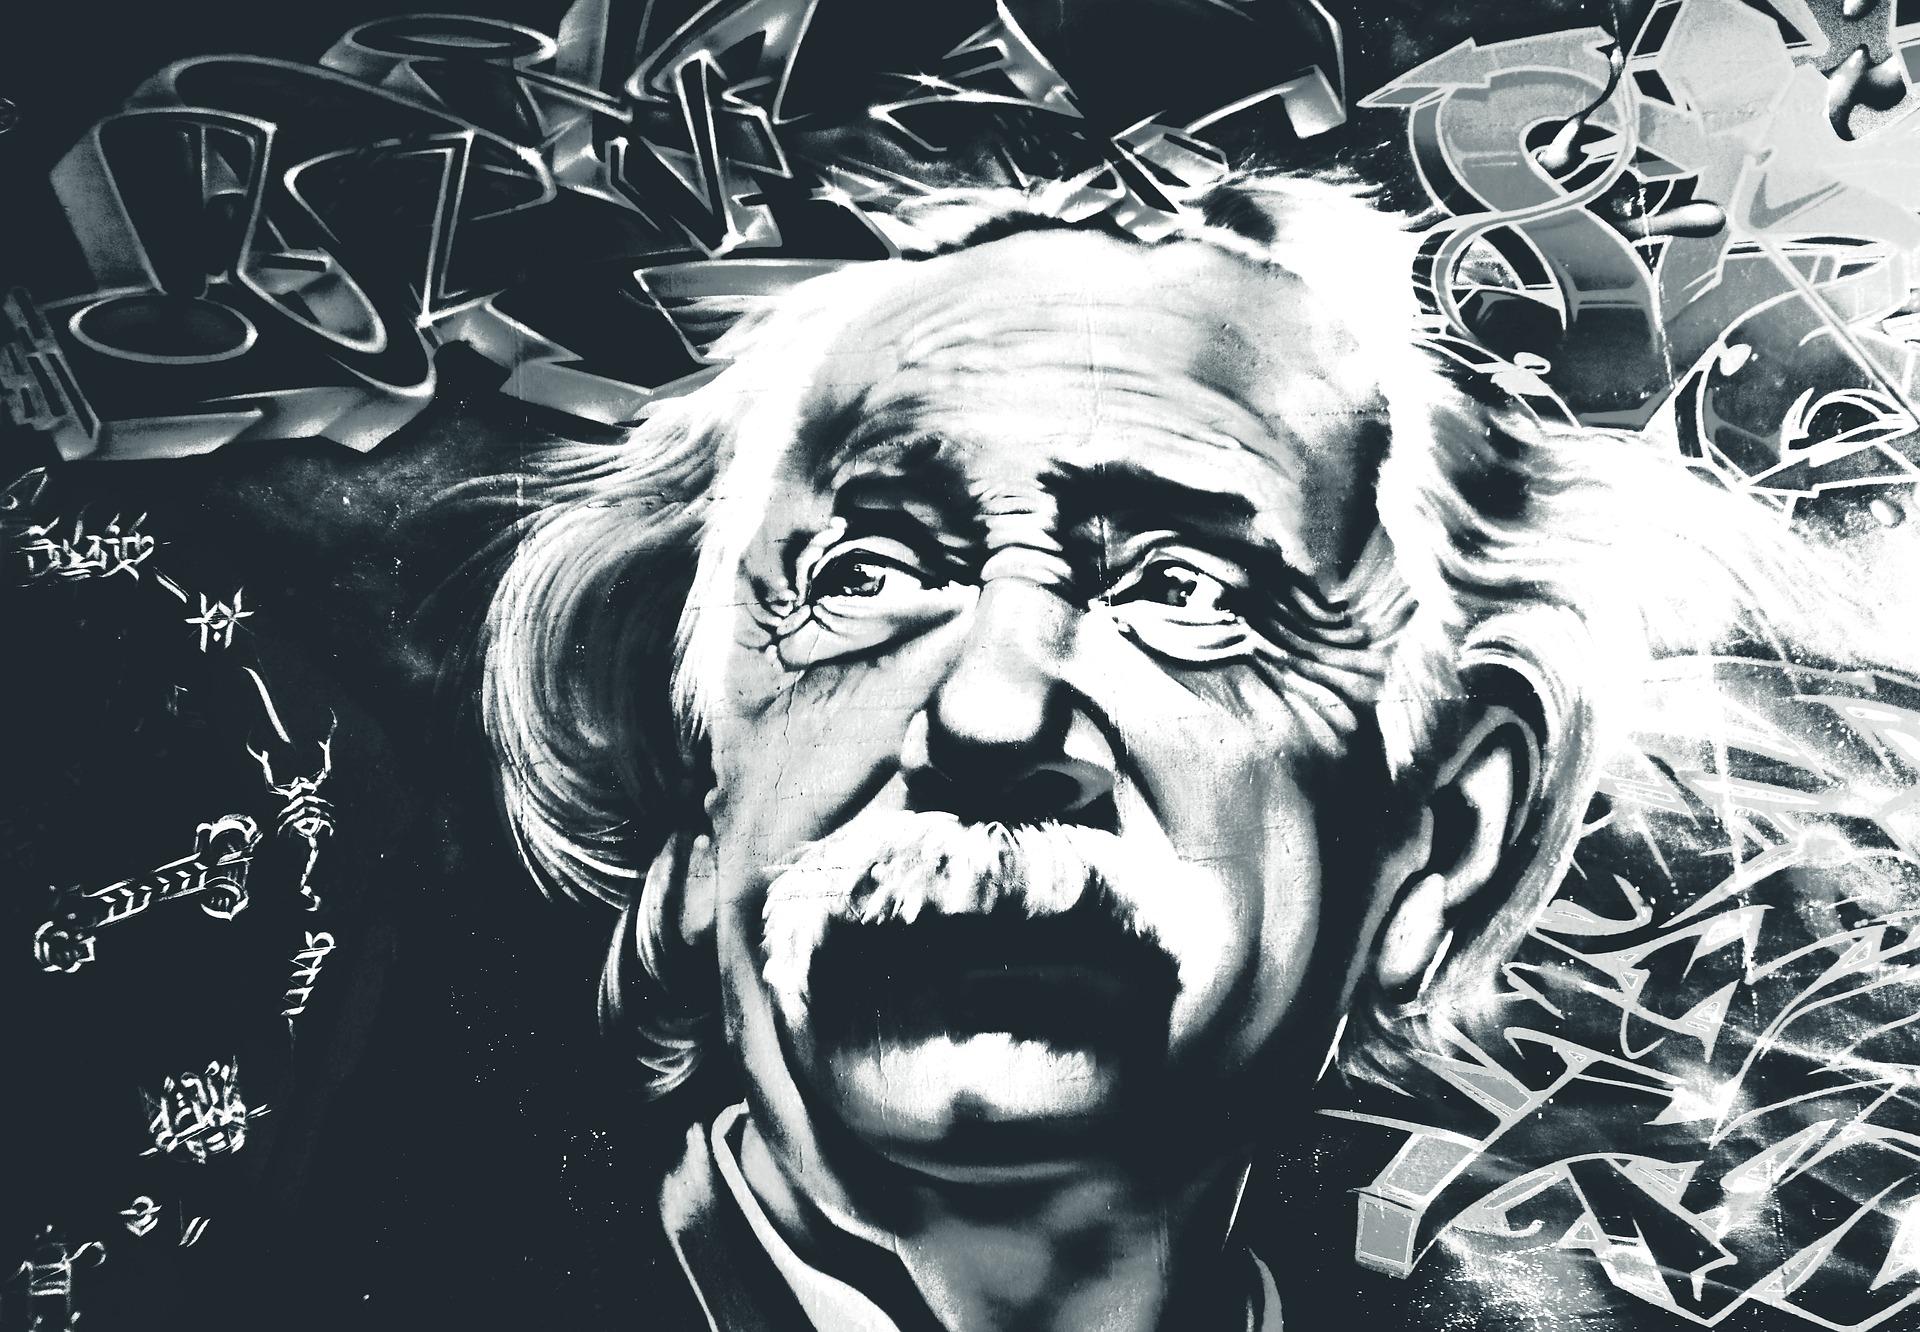 Want more of Einstein's brainpower?